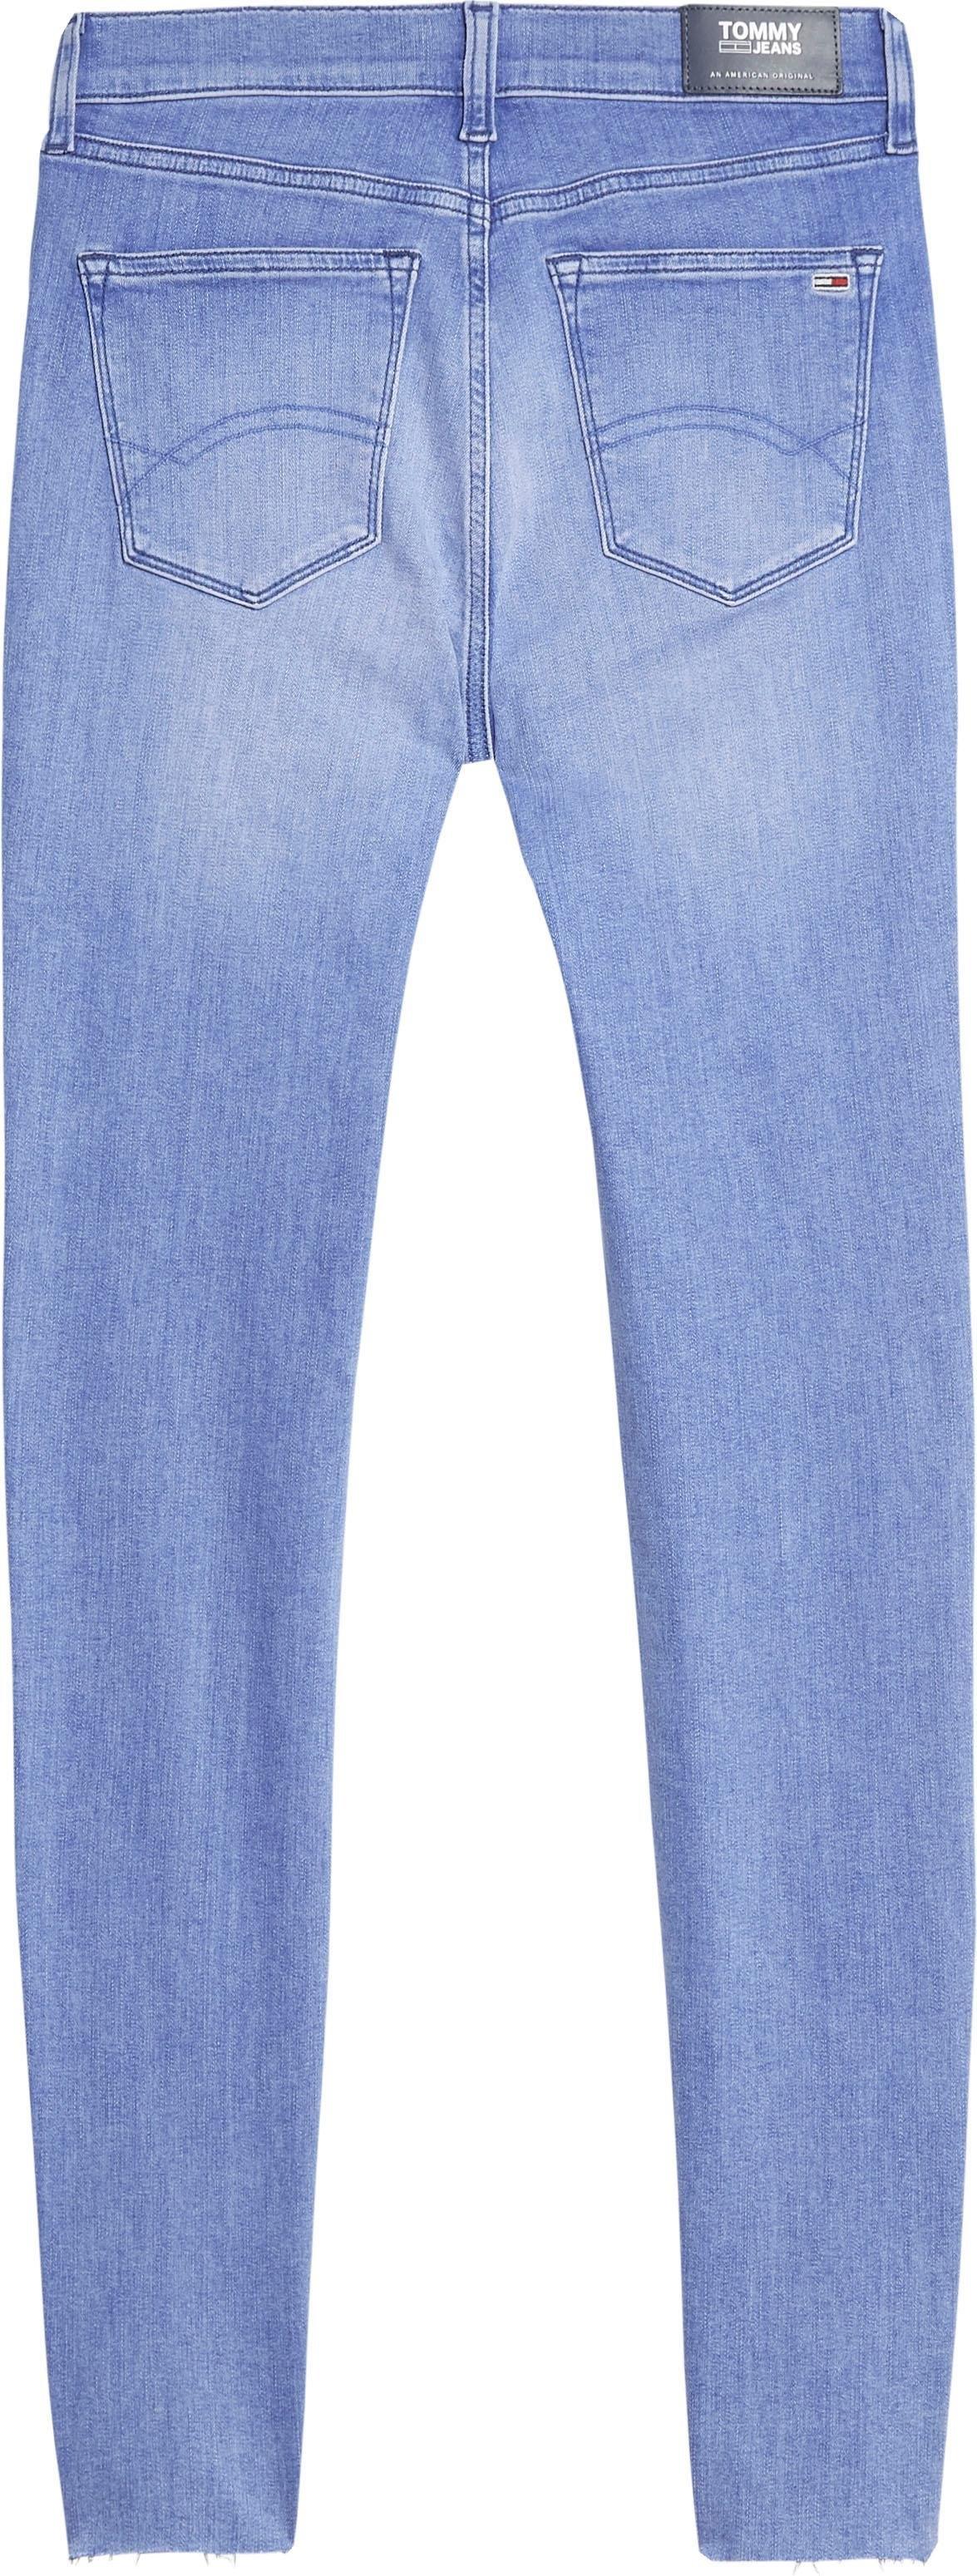 TOMMY JEANS skinny fit jeans »NORA MID RISE SKINNY ANKLE DLYDK« bestellen: 30 dagen bedenktijd